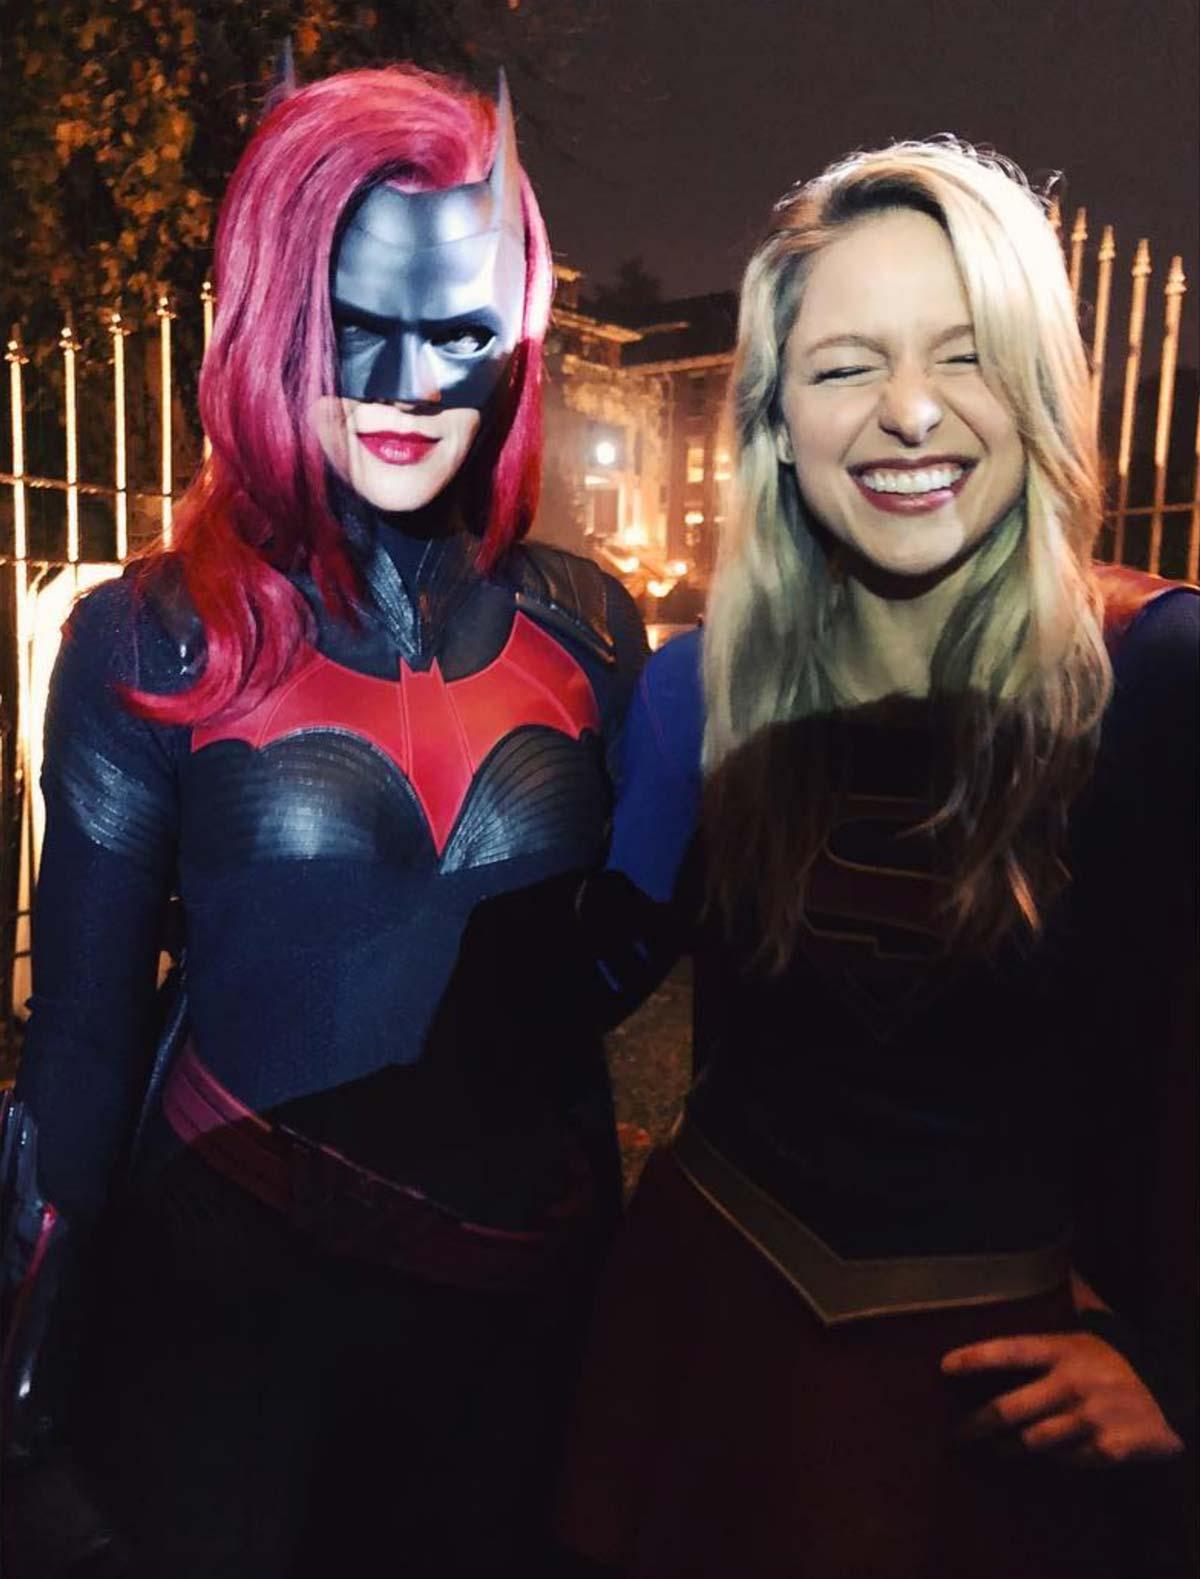 batwoman dark knight news